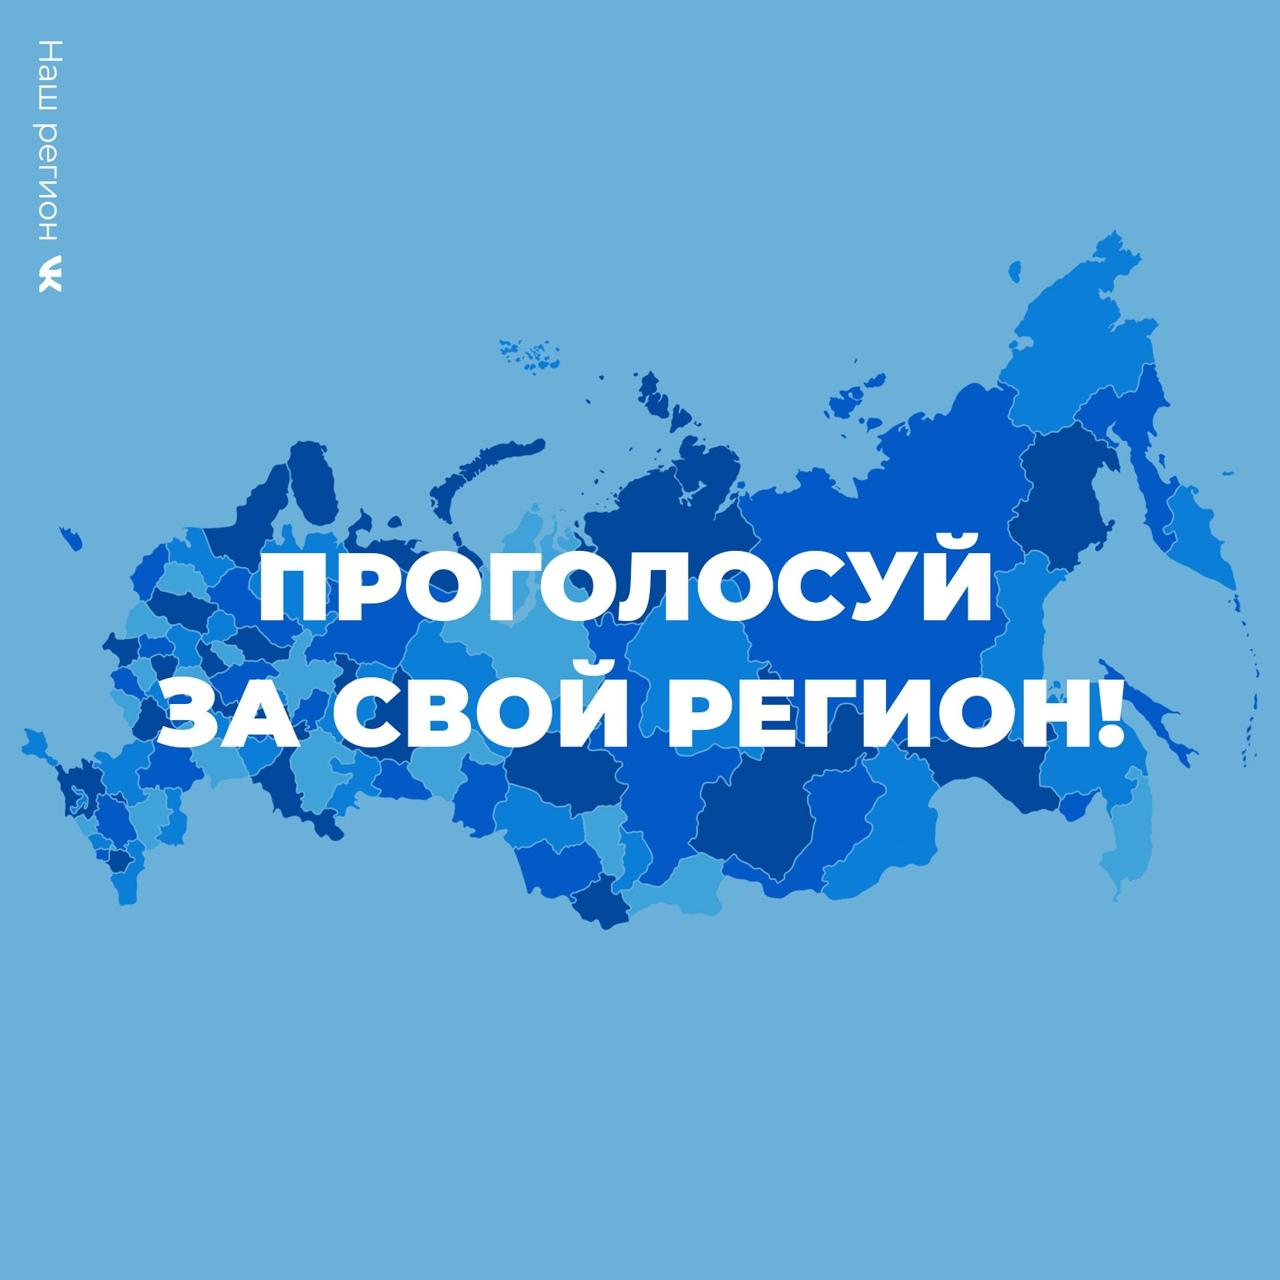 Хотите, чтобы достопримечательности нашего региона увидела вся страна?